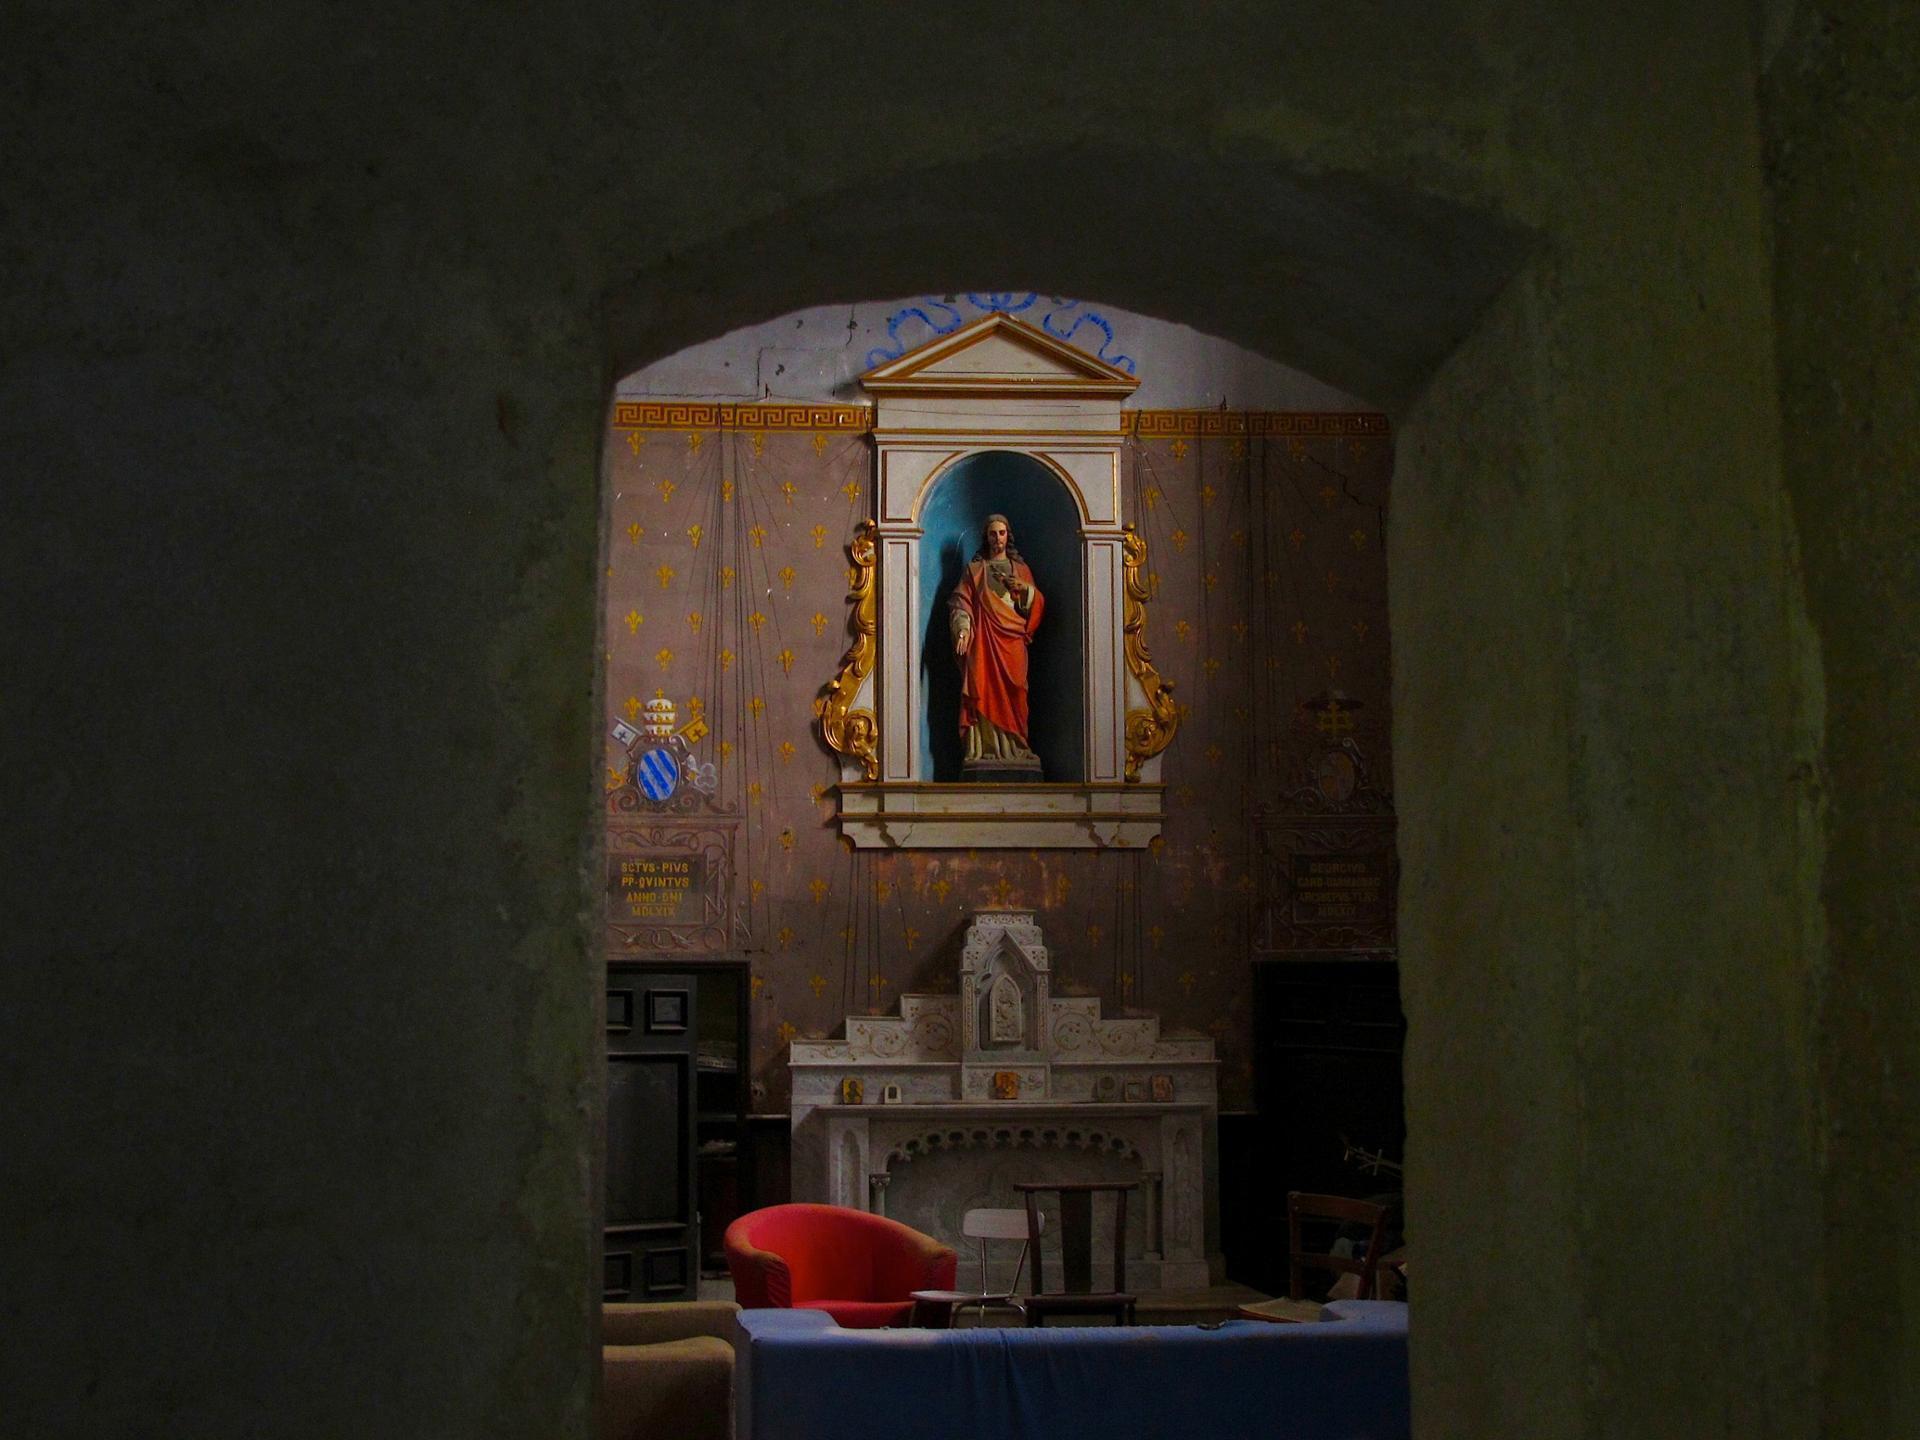 Petit salon religieux